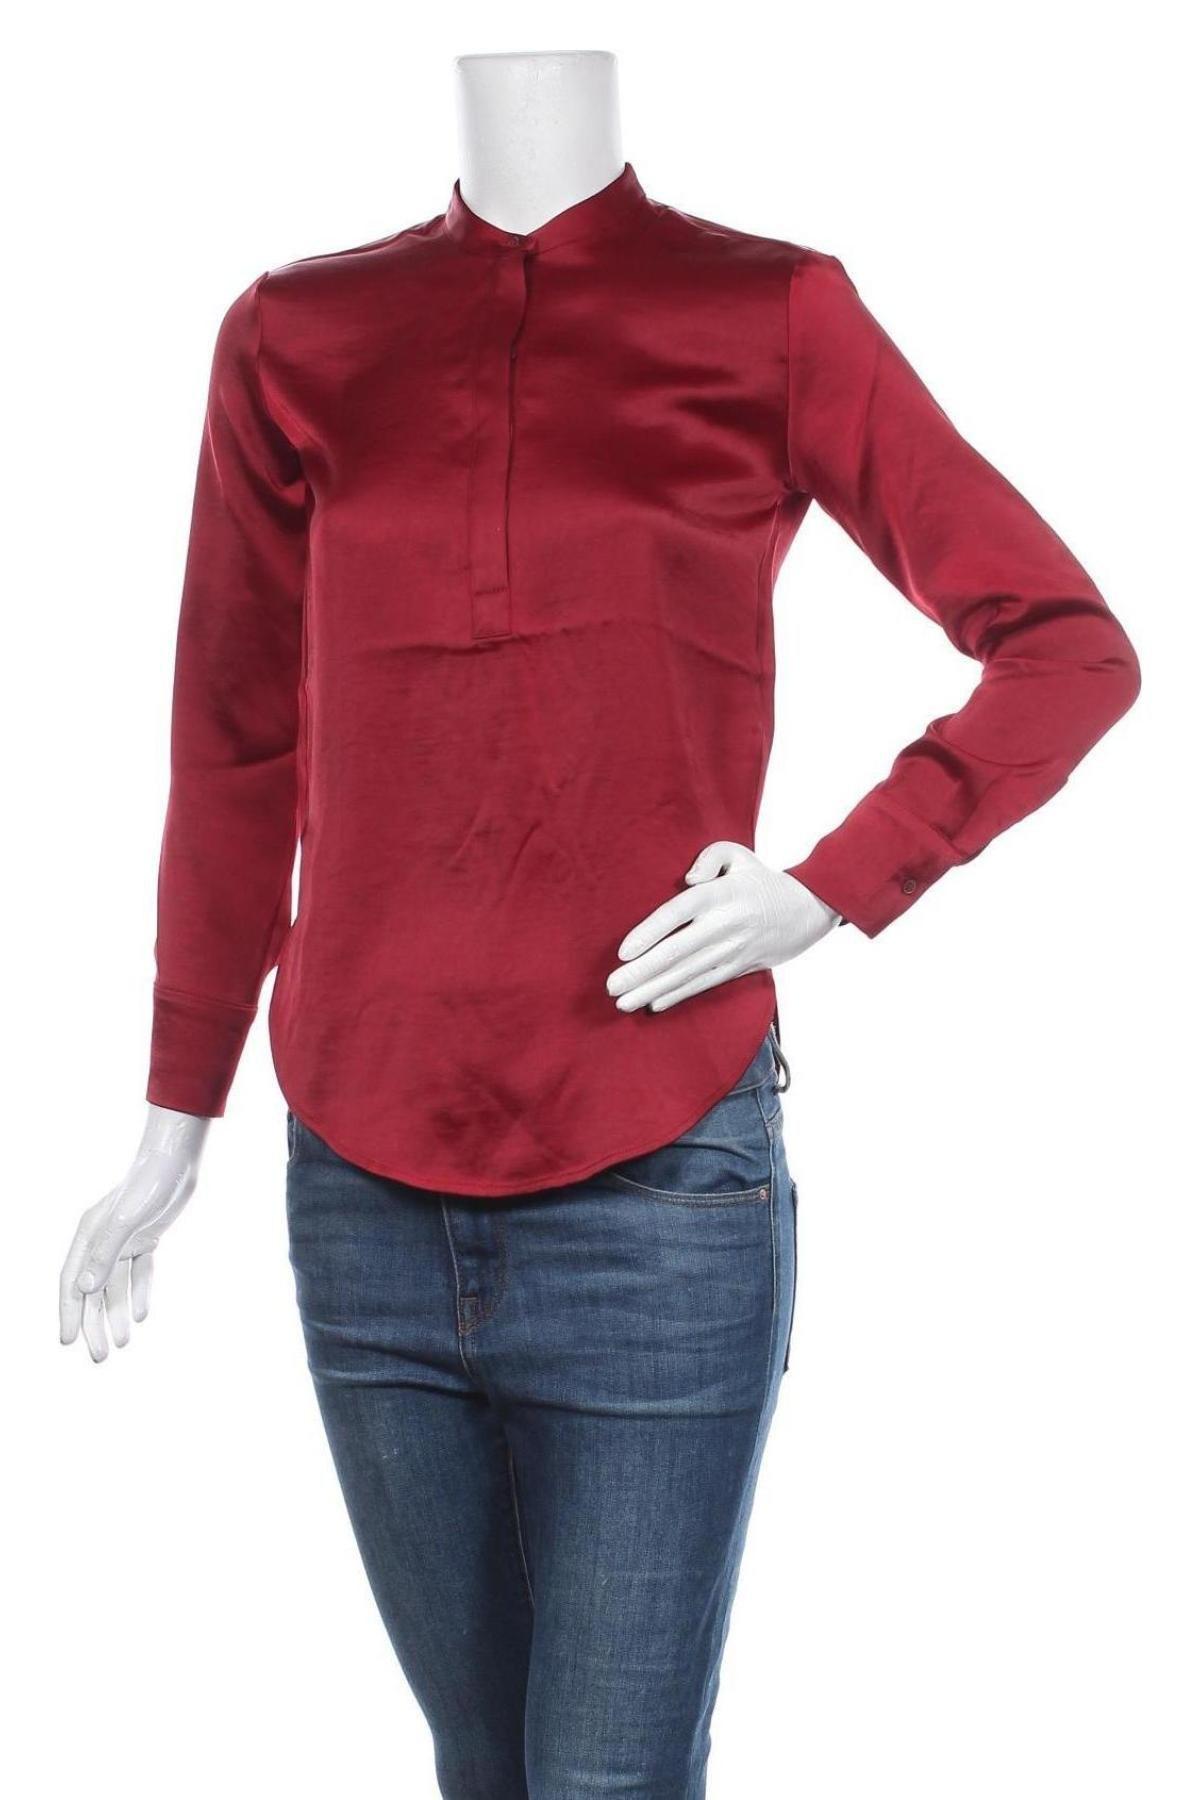 Γυναικεία μπλούζα Banana Republic, Μέγεθος XXS, Χρώμα Κόκκινο, Πολυεστέρας, Τιμή 27,83€